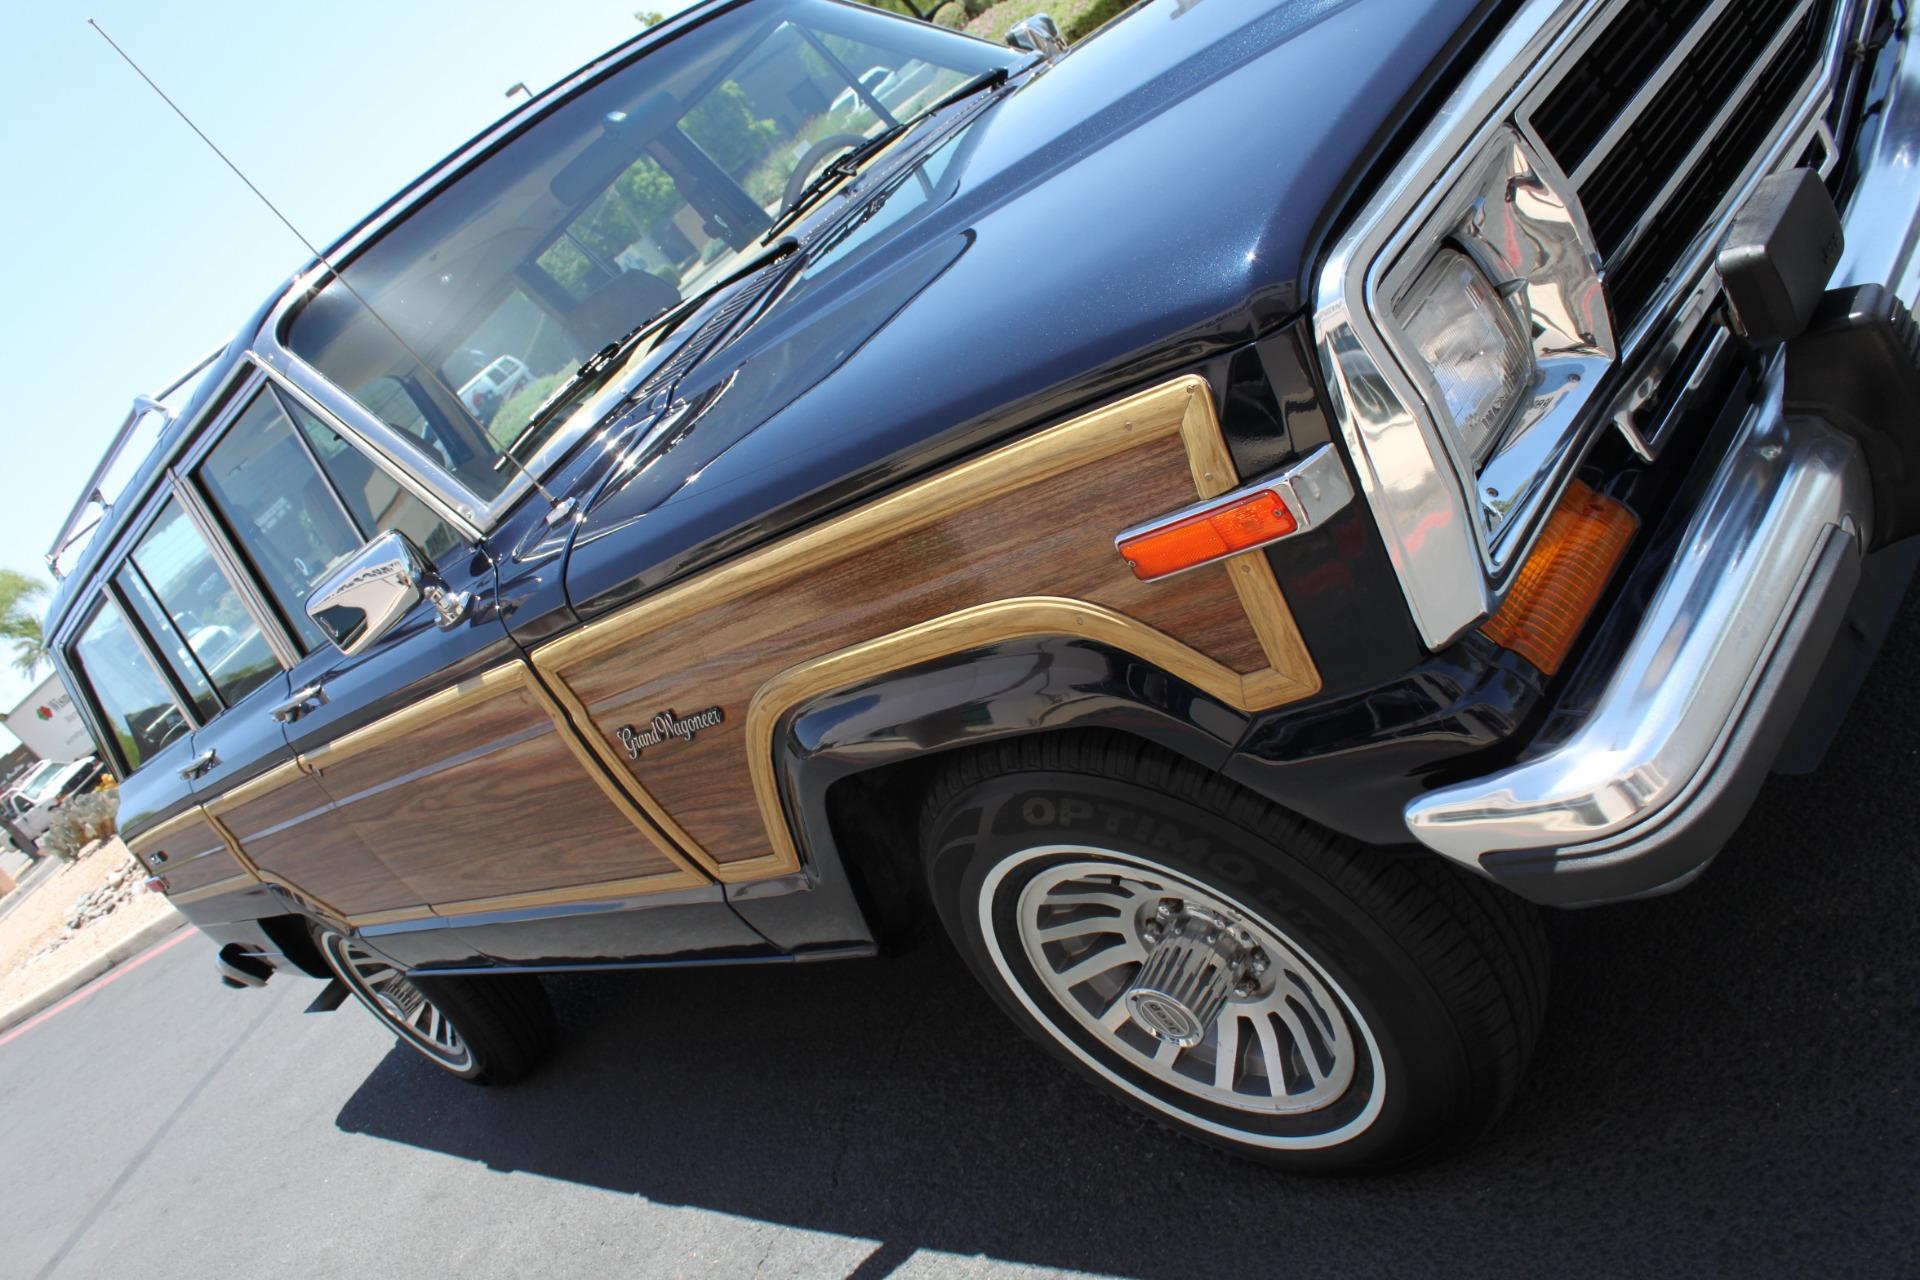 Used 1990 Jeep Grand Wagoneer 4X4 Grand Cherokee